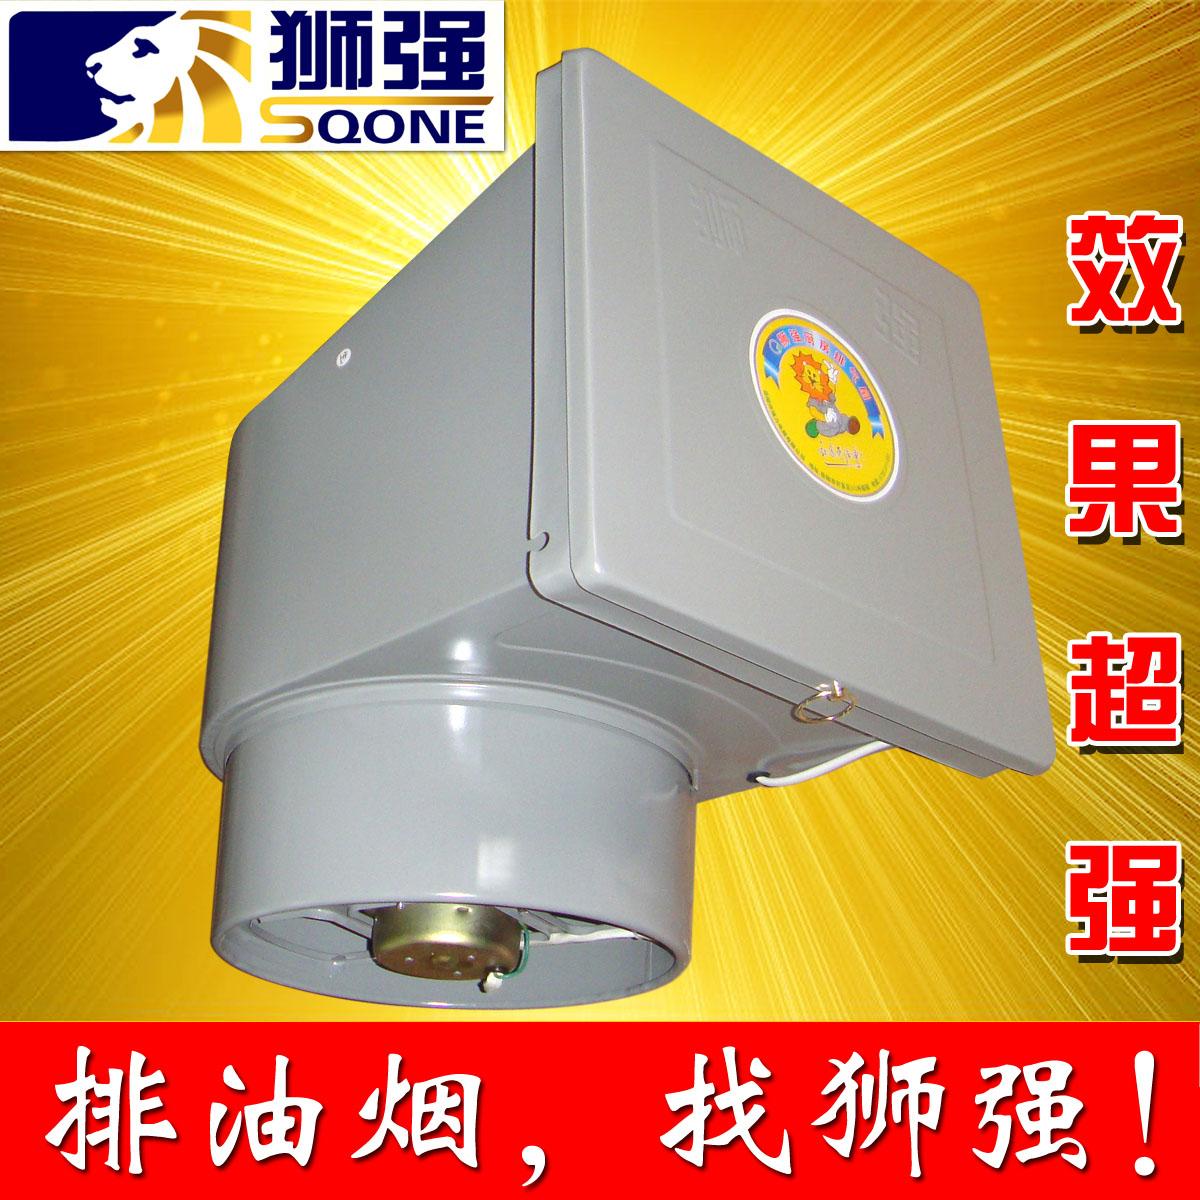 ventilateur de fen tre silencieuse achetez des lots petit prix ventilateur de fen tre. Black Bedroom Furniture Sets. Home Design Ideas